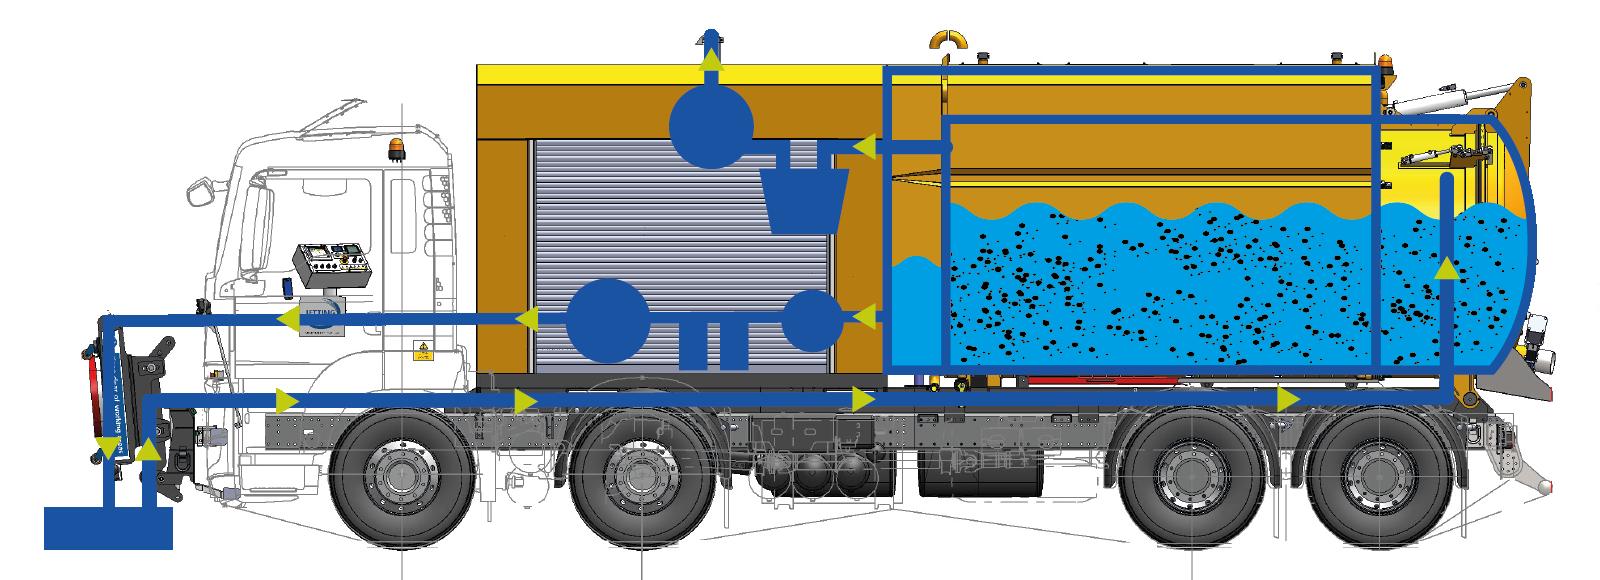 Schéma du système de retrait de caoutchouc de piste Osprey